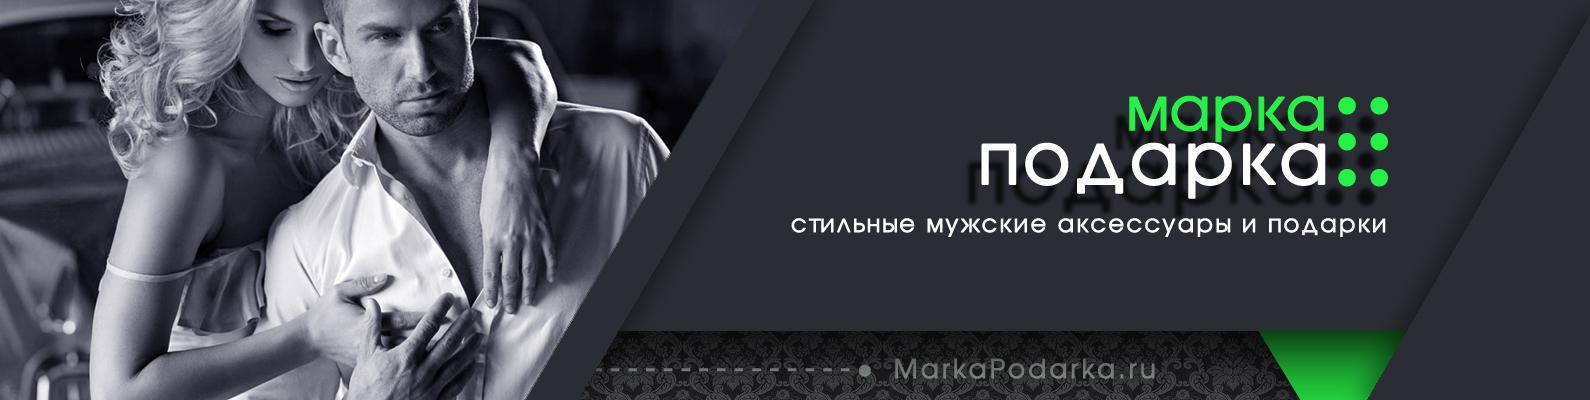 Основное наше сообщество MarkaPodarka.ru